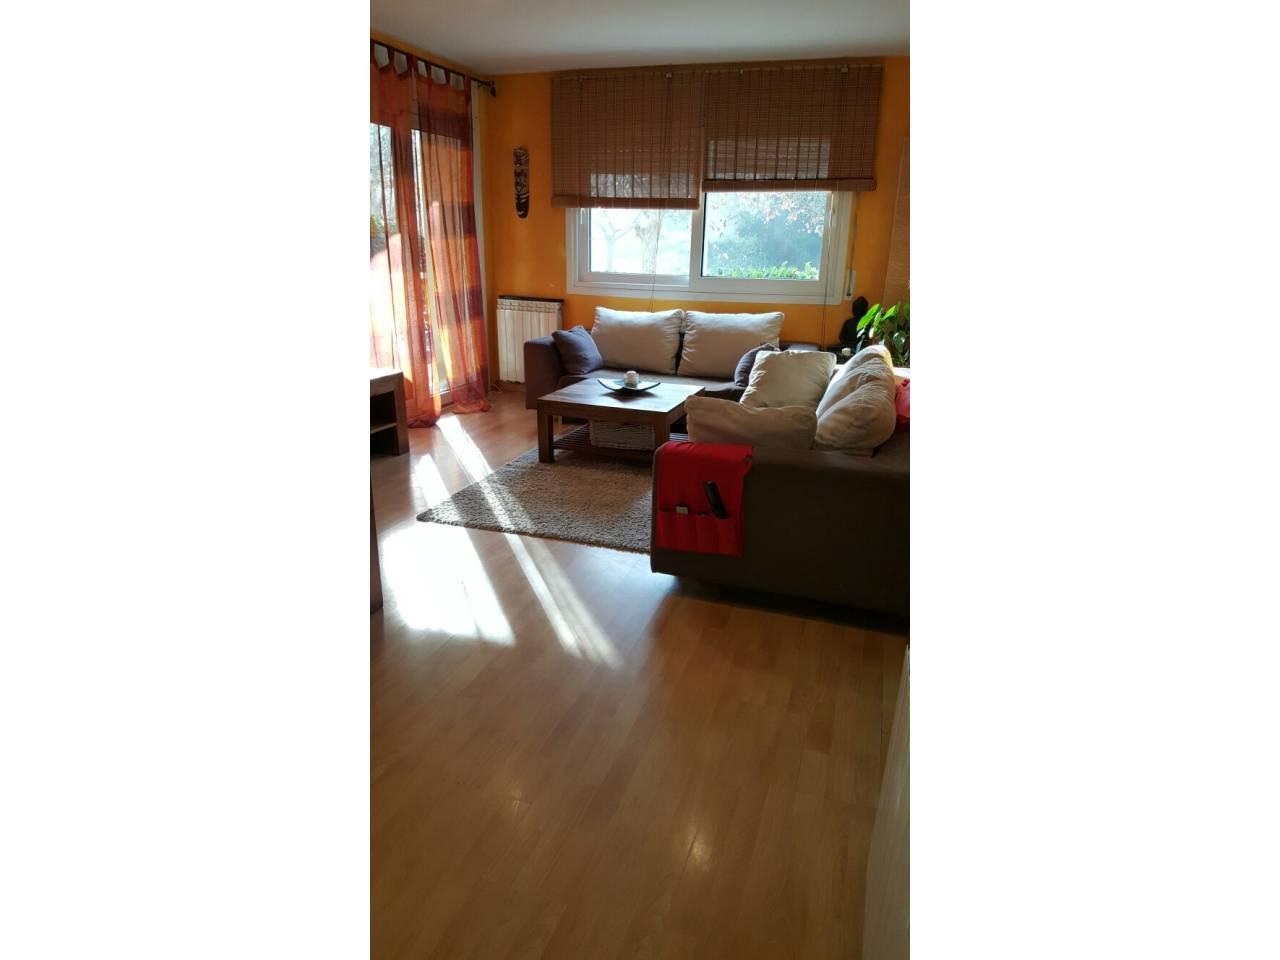 Piso  Vallromanes. Precioso piso en vallromanes de superficie 95m2. distribuido en